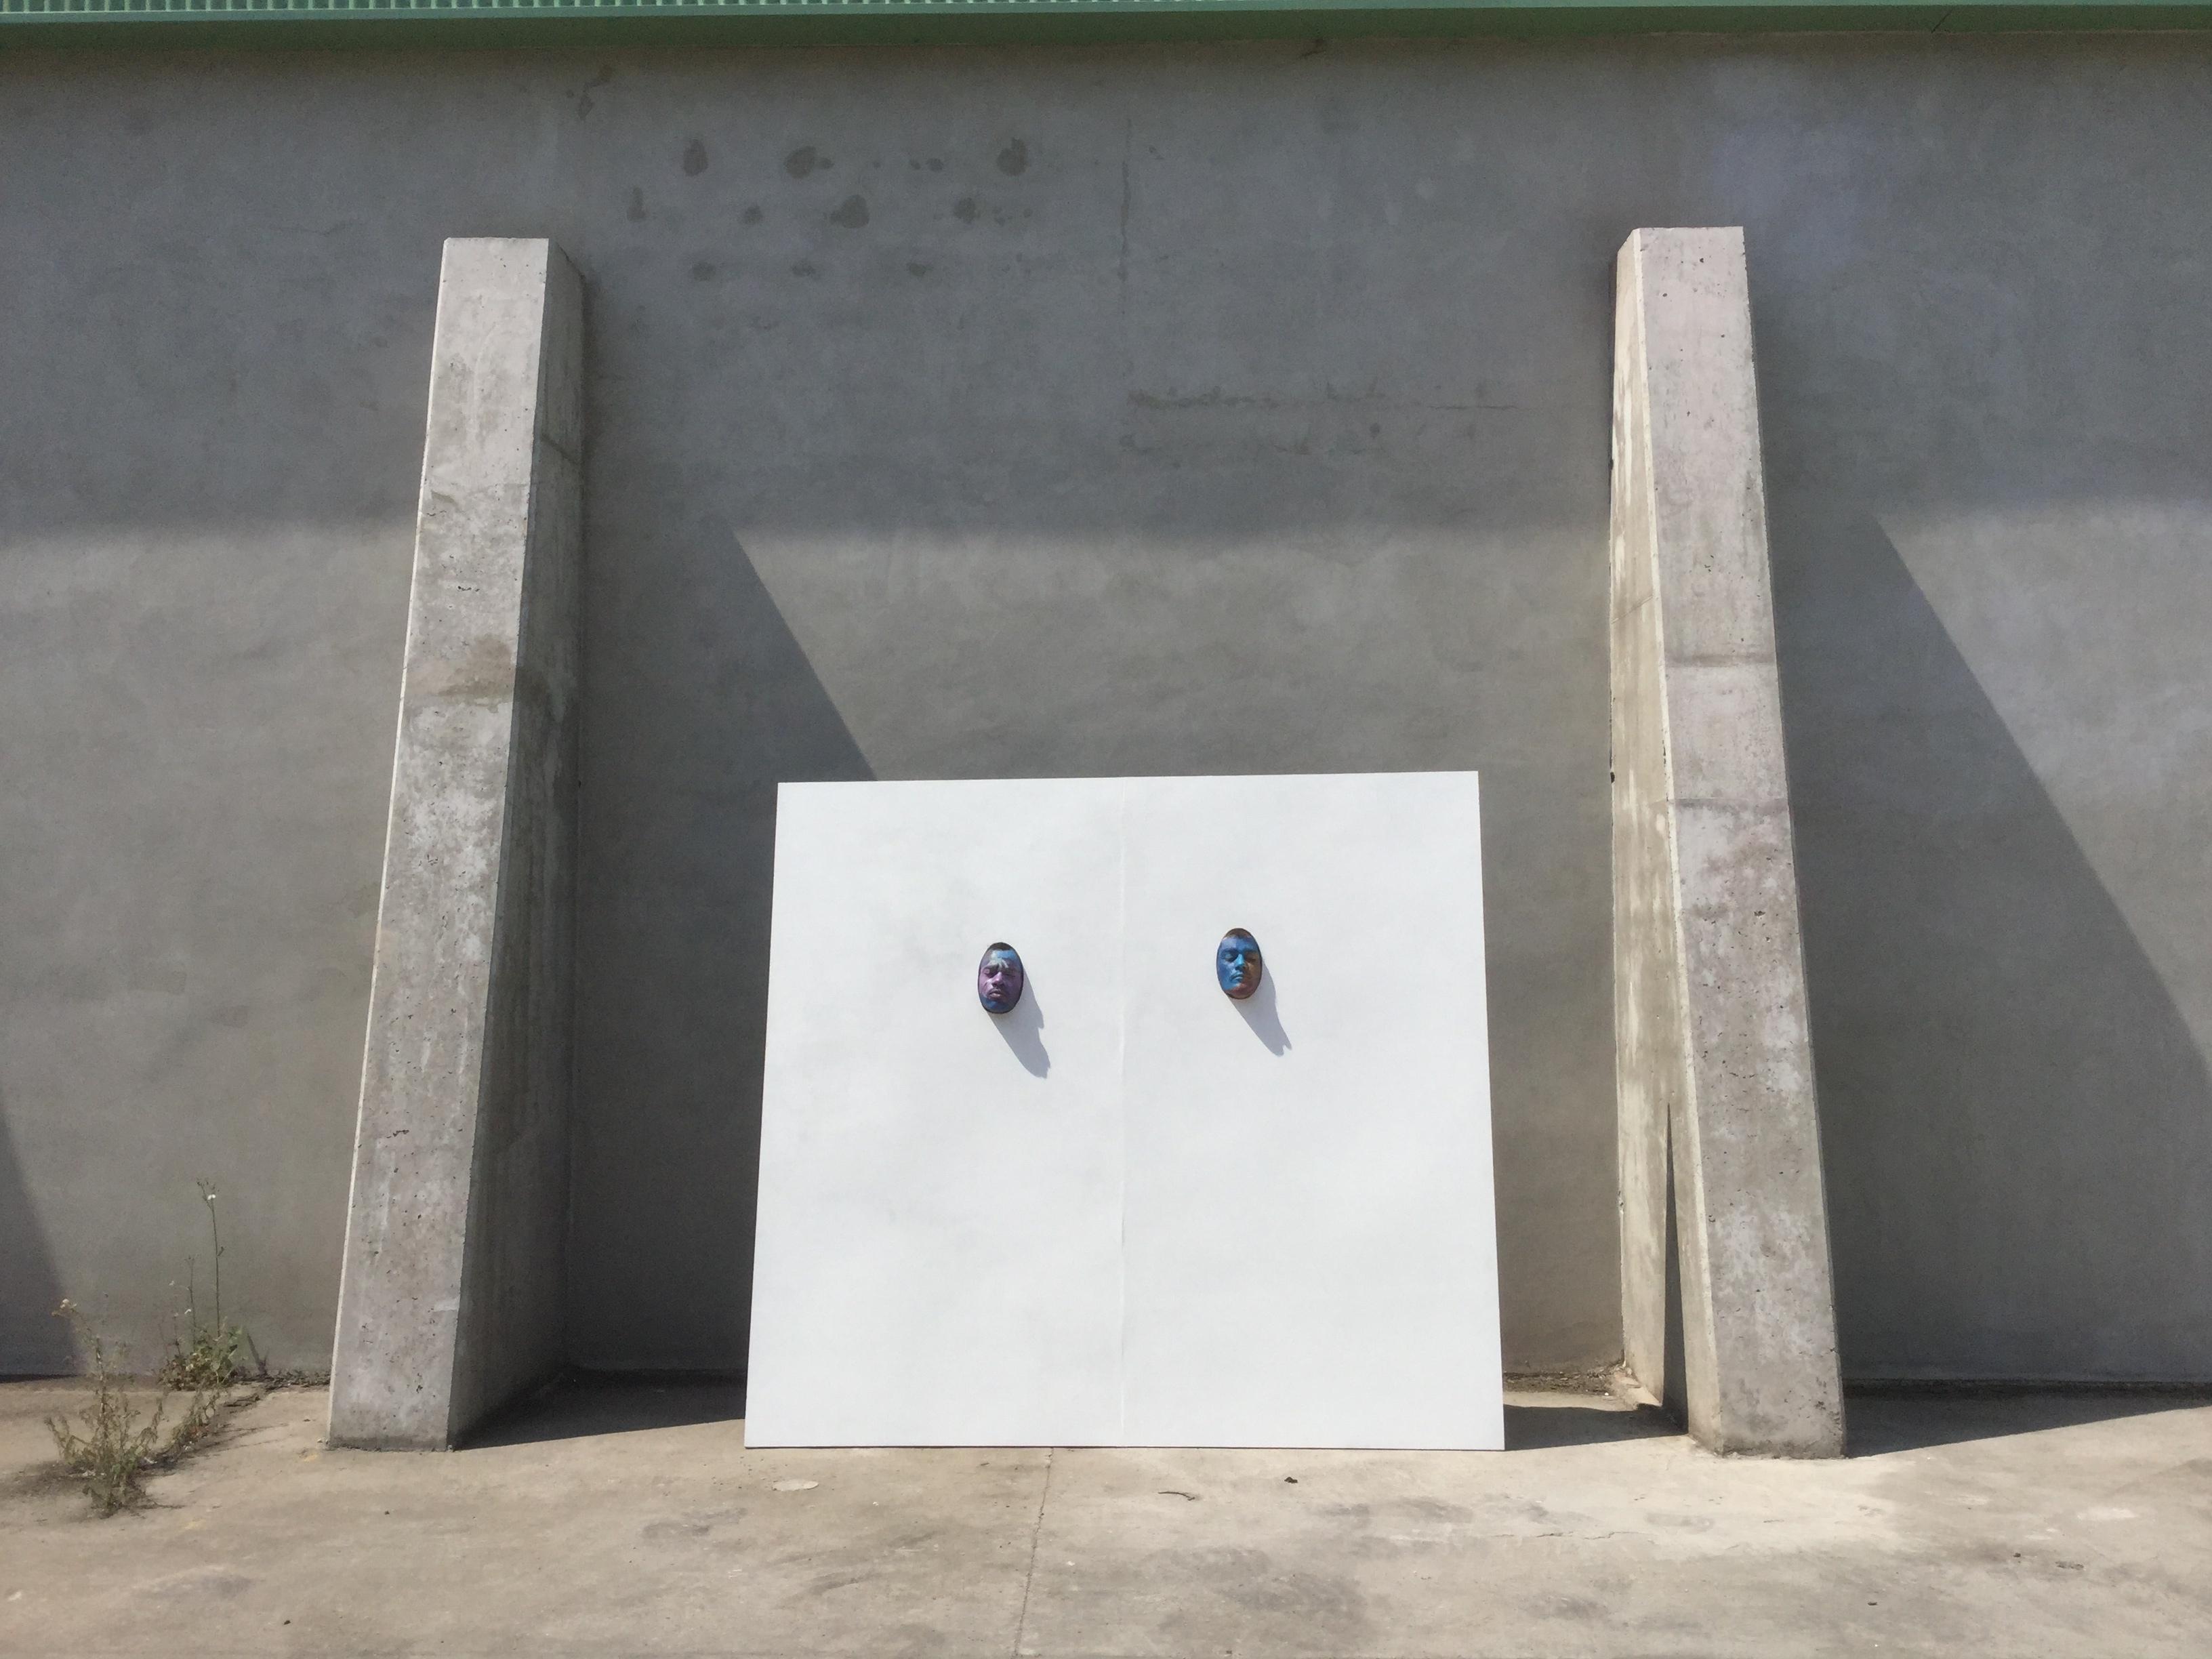 Le mur à deux têtes